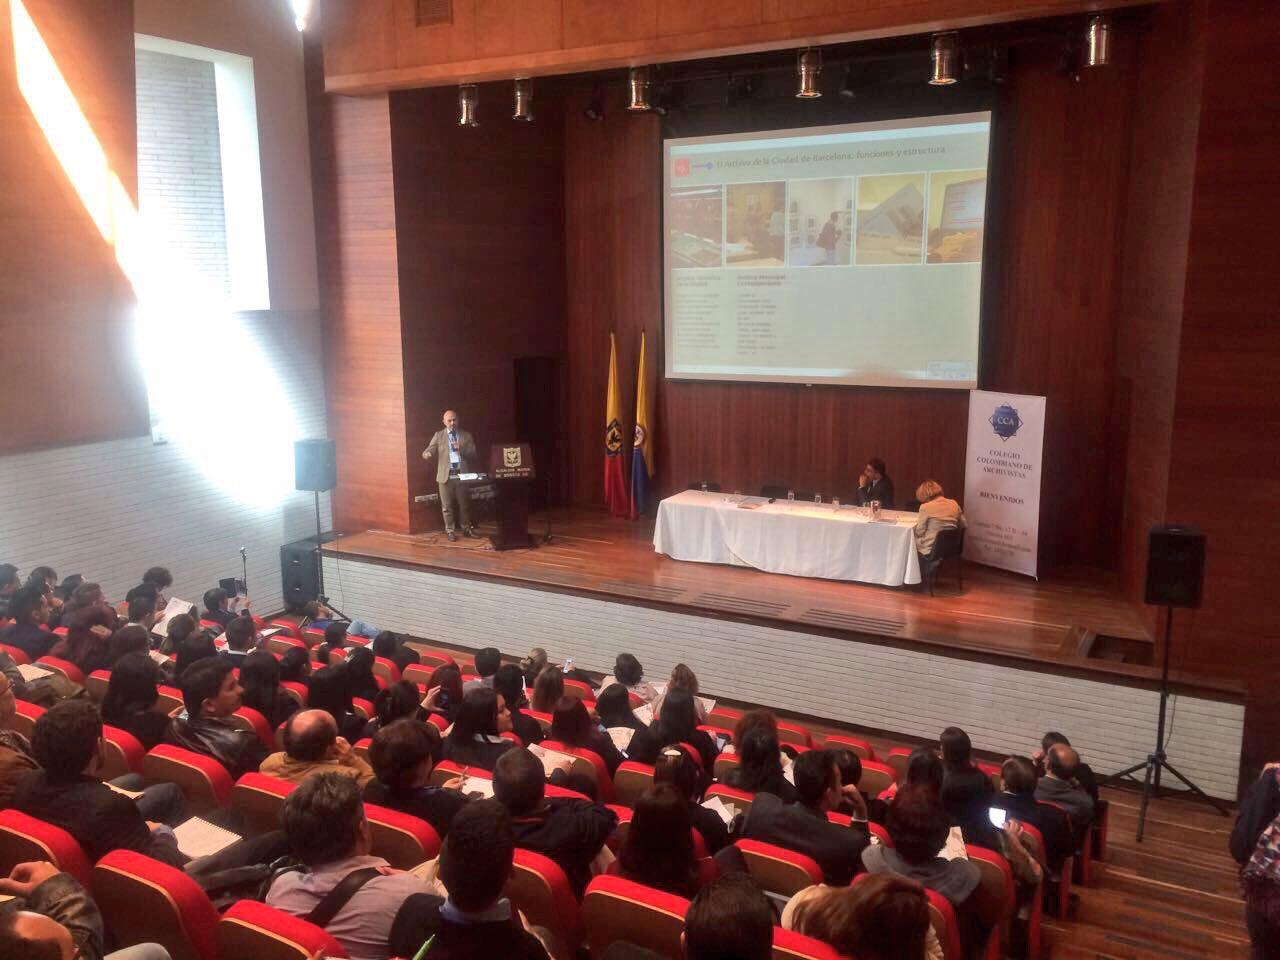 Joaquim Borrás, Director del Archivo Municipal de #Barcelona interviene en el seminario #RetosDeLosArchivosMunicipales https://t.co/cV3Oyb87e8